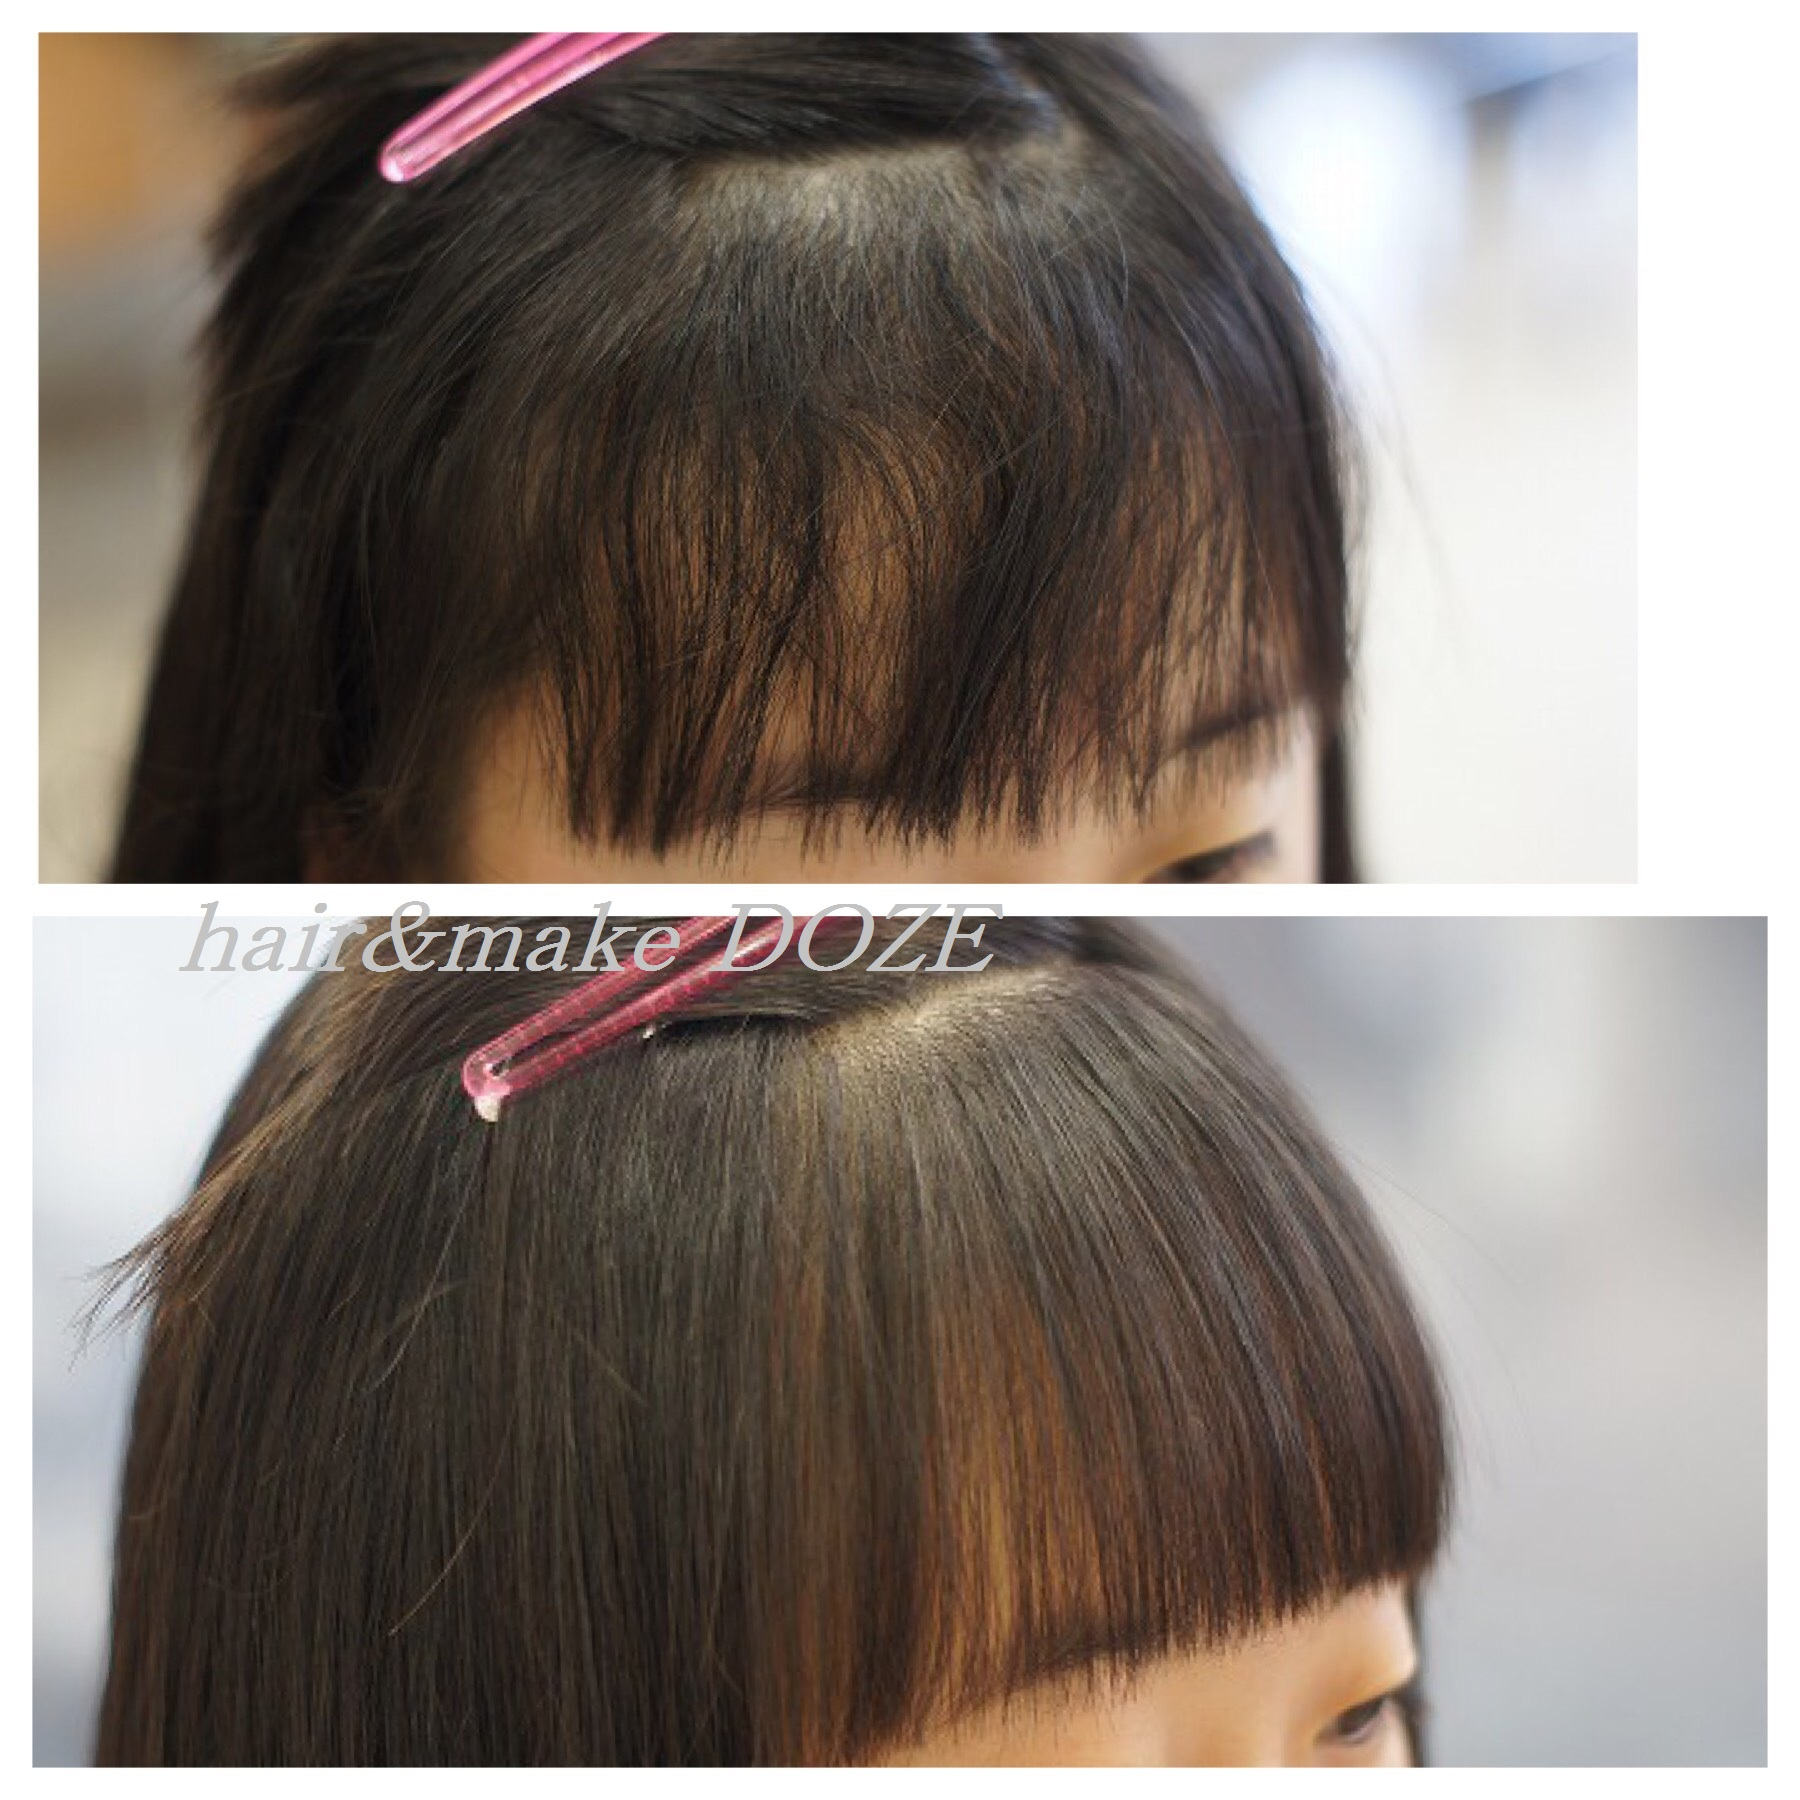 気になるその前髪も髪質改善なら自然になります!